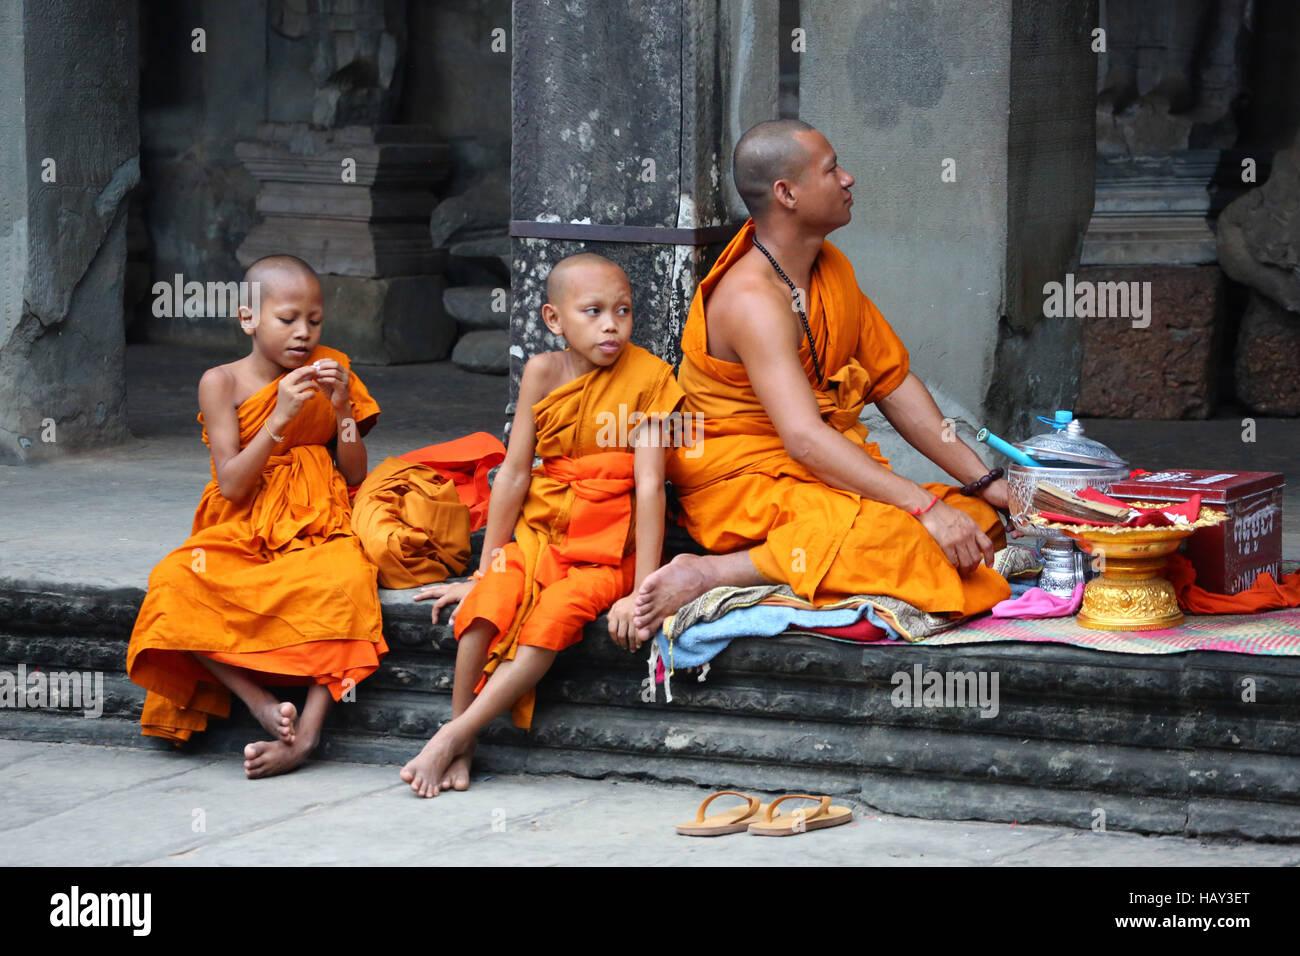 Les jeunes moines bouddhistes au temple d'Angkor Wat à Siem Reap, Cambodge Photo Stock